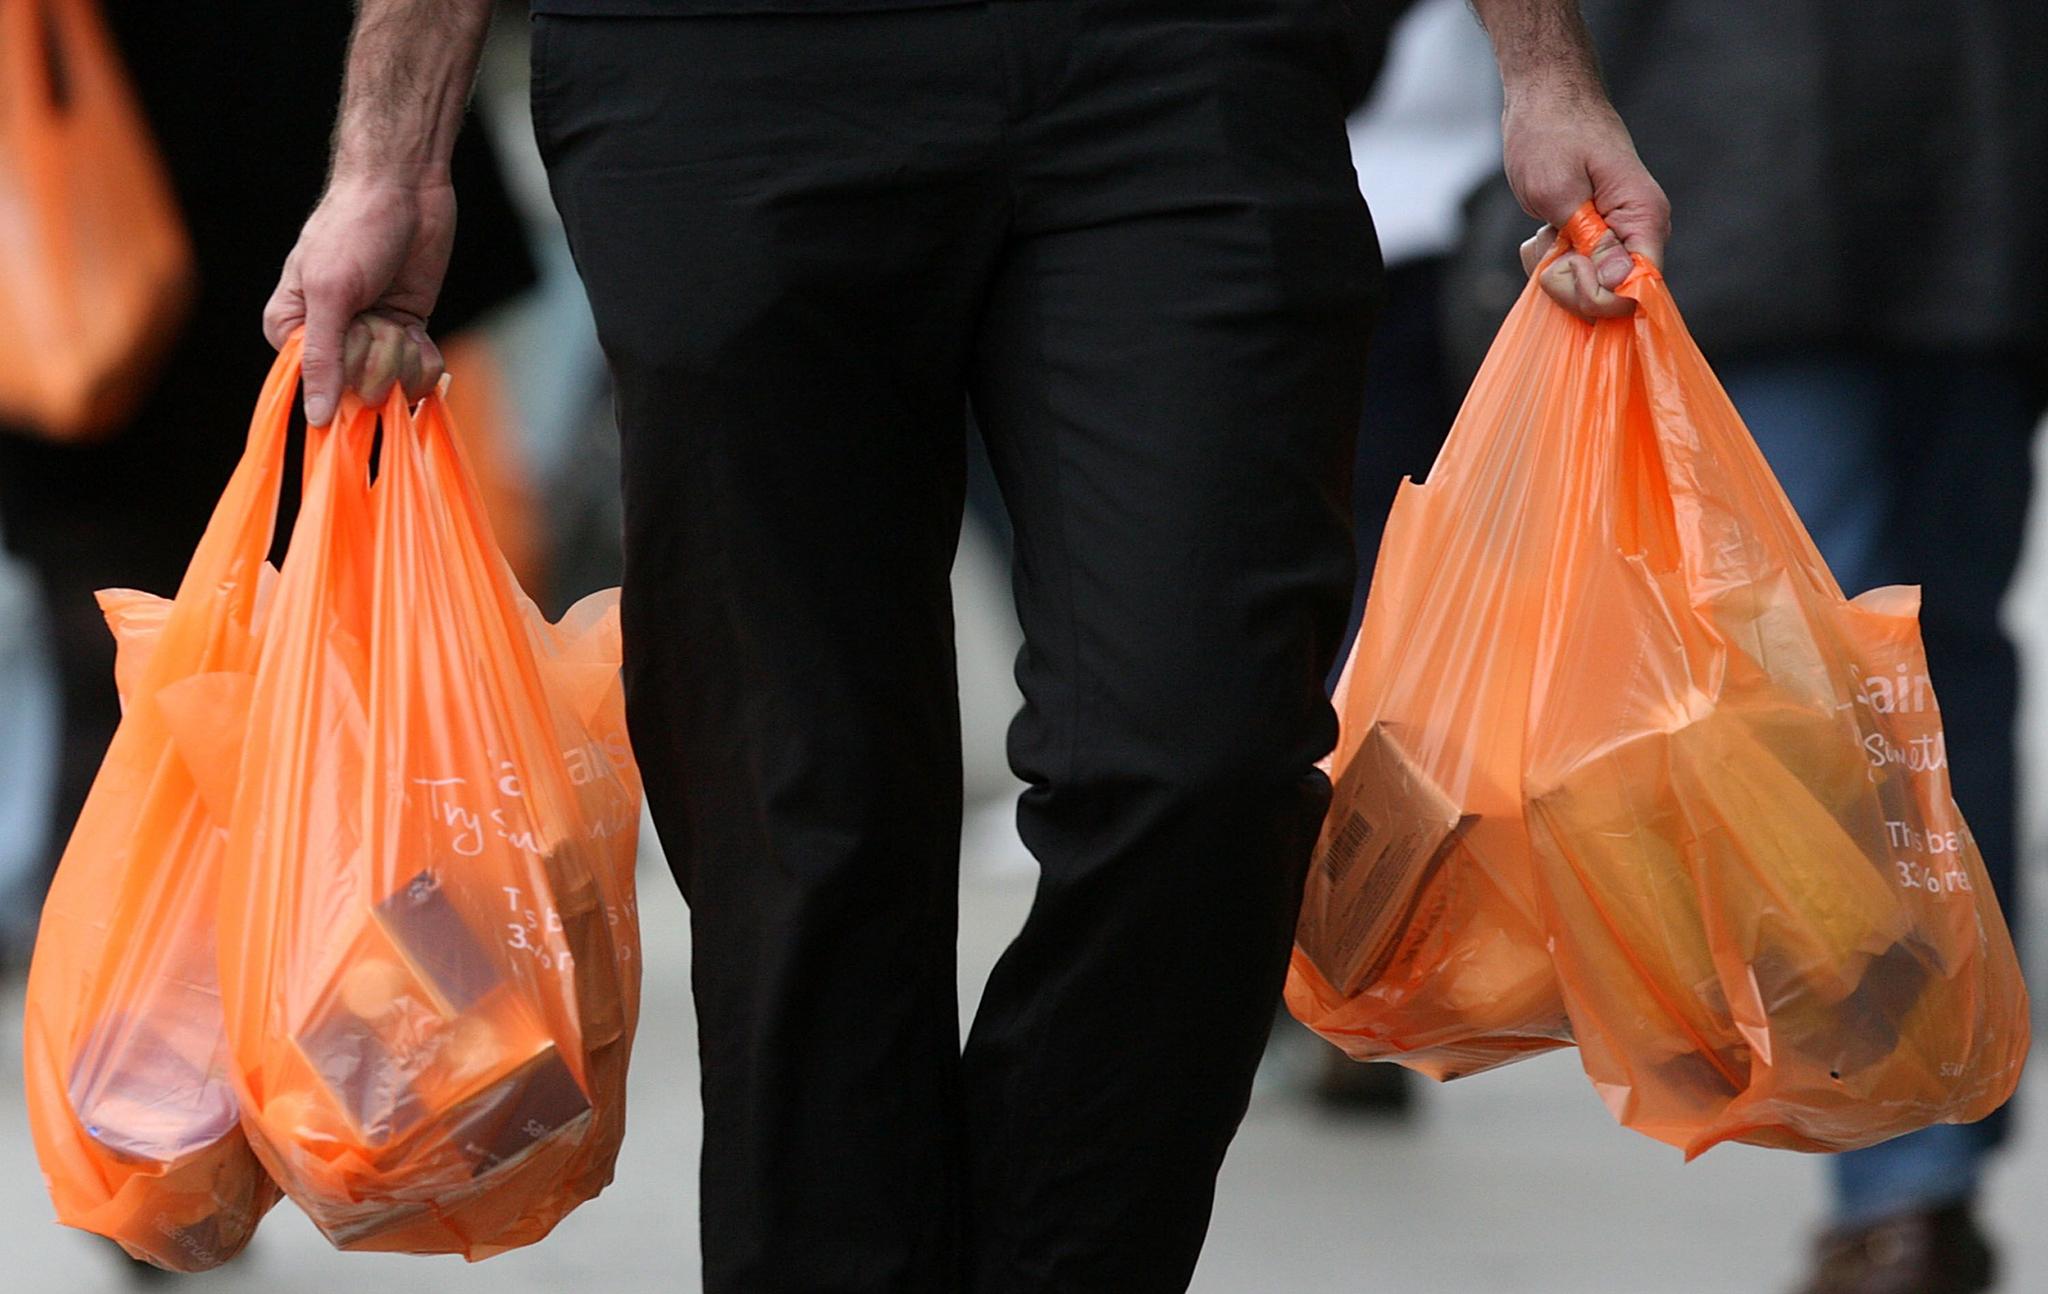 Poluição | Residente cria petição para reduzir uso do plástico